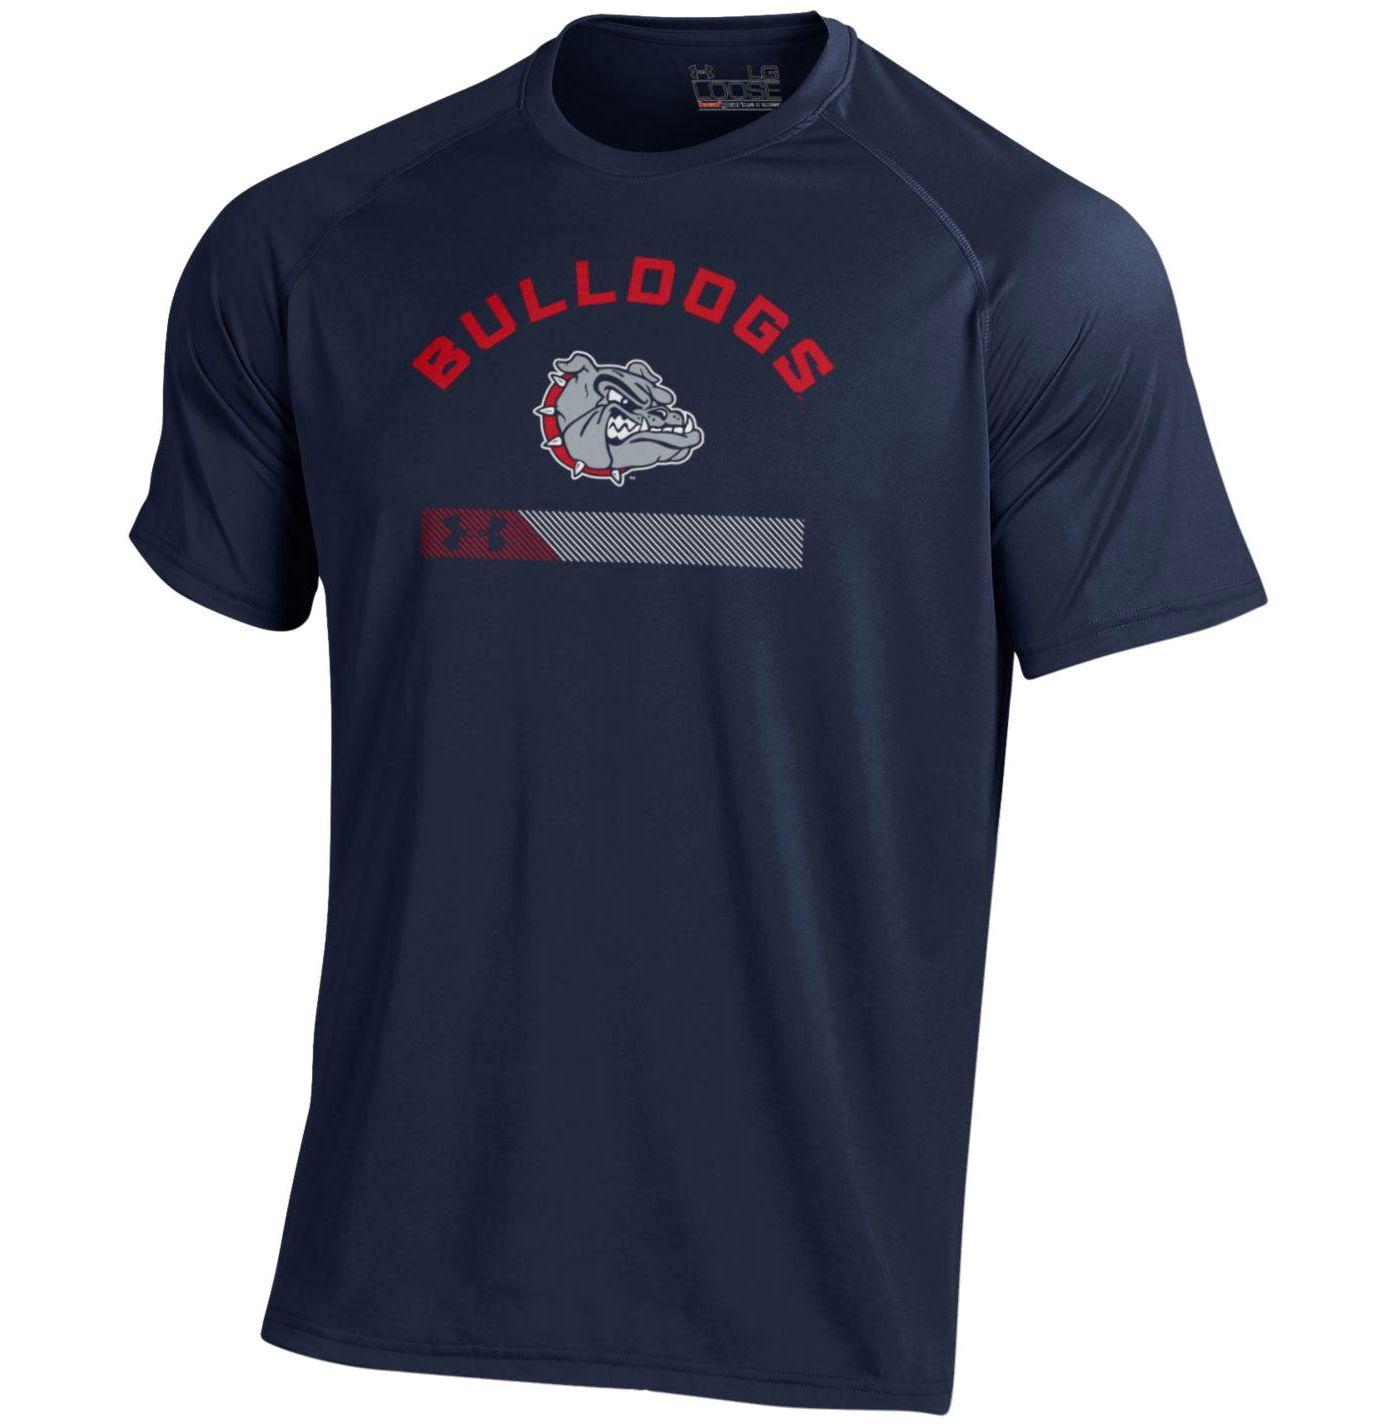 Under Armour Men's Gonzaga Bulldogs Blue Tech Performance T-Shirt